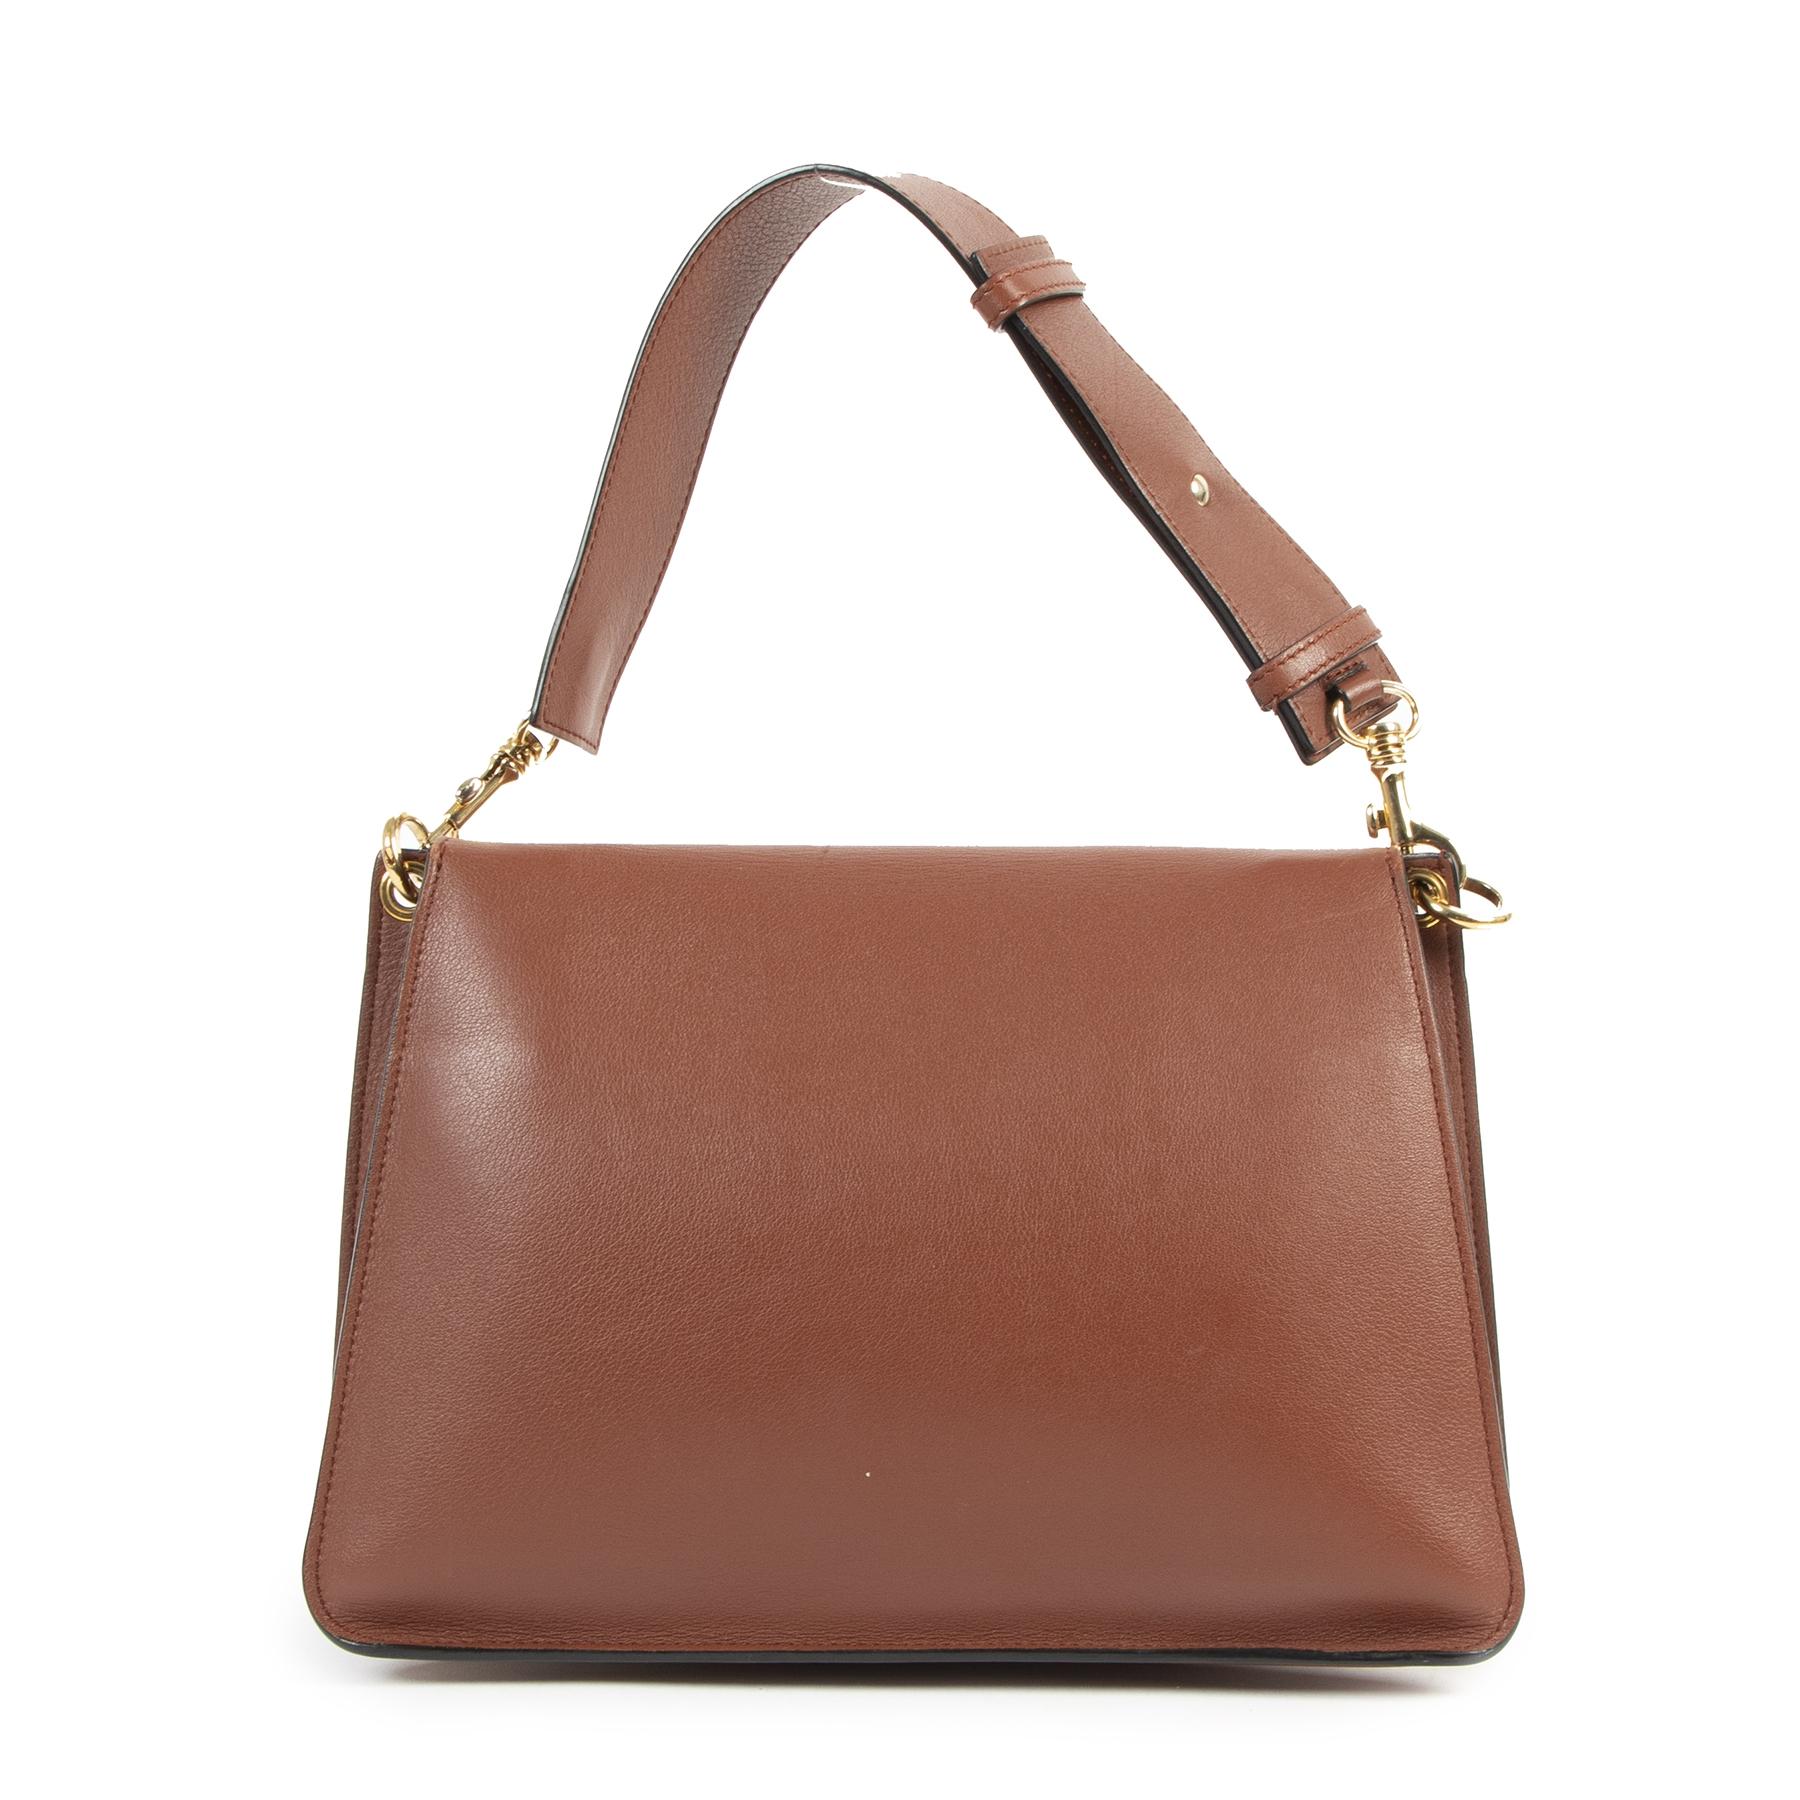 Authentieke Tweedehands JW Anderson Pierce Bag Tan Medium juiste prijs veilig online shoppen luxe merken webshop winkelen Antwerpen België mode fashion